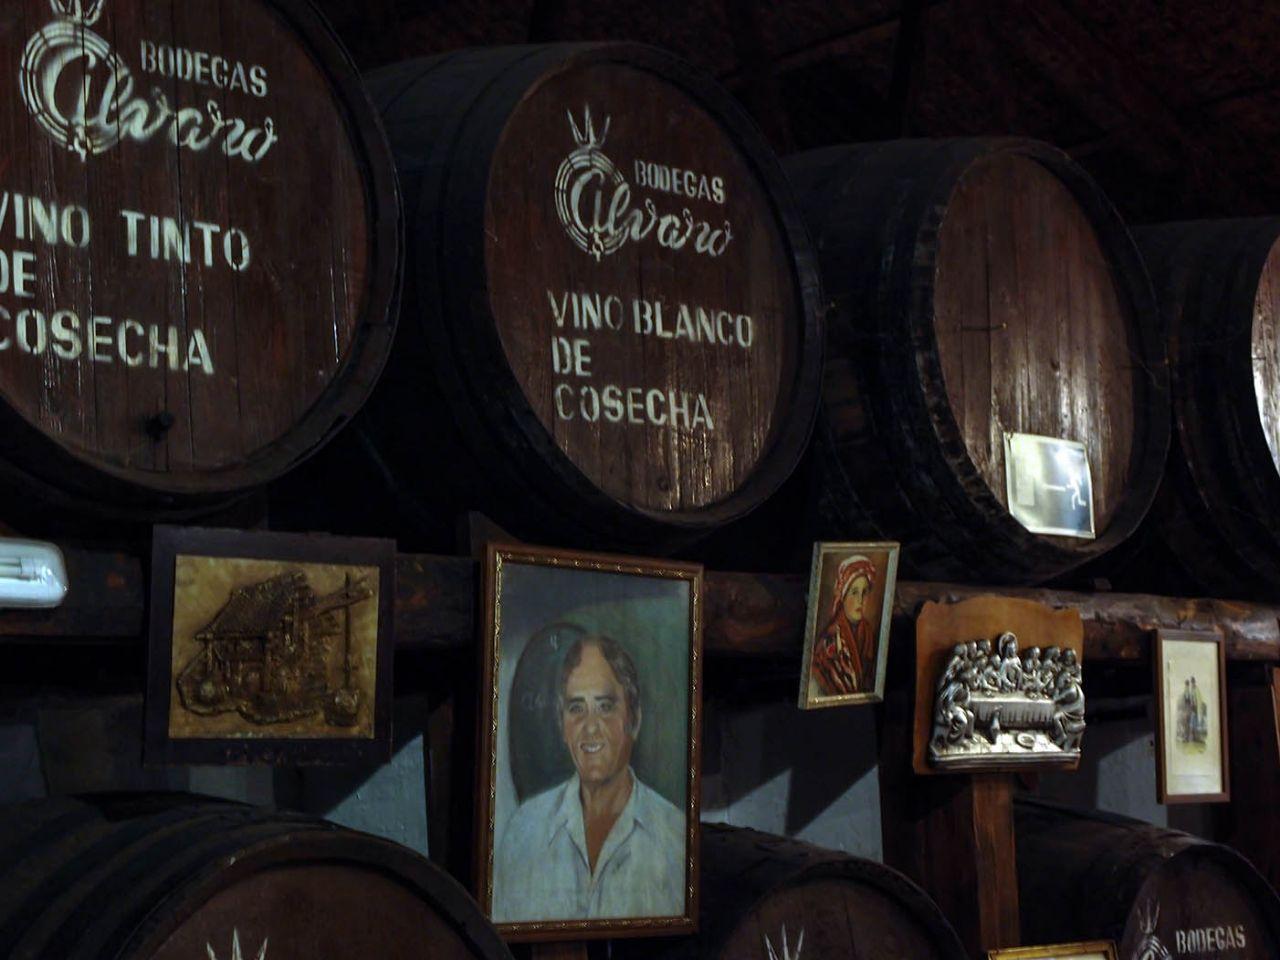 Винодельня и ресторан Бодегас Альваро Такоронте, остров Тенерифе, Испания